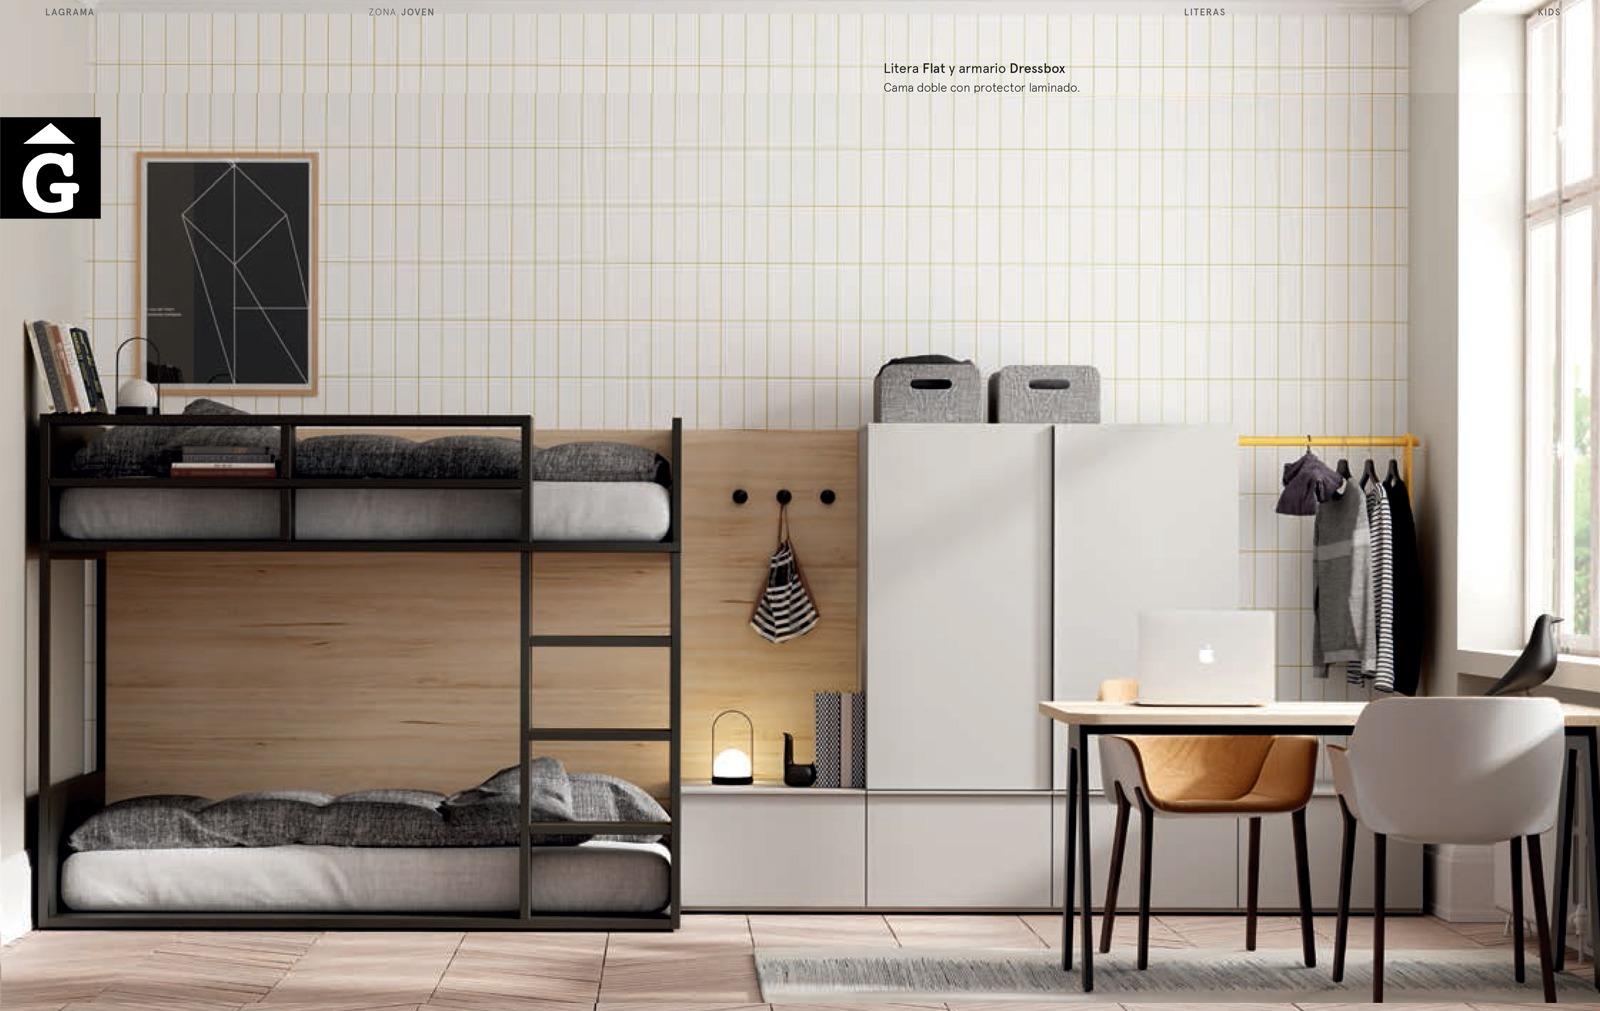 Habitació Juvenil I lagrama | mobles Gifreu